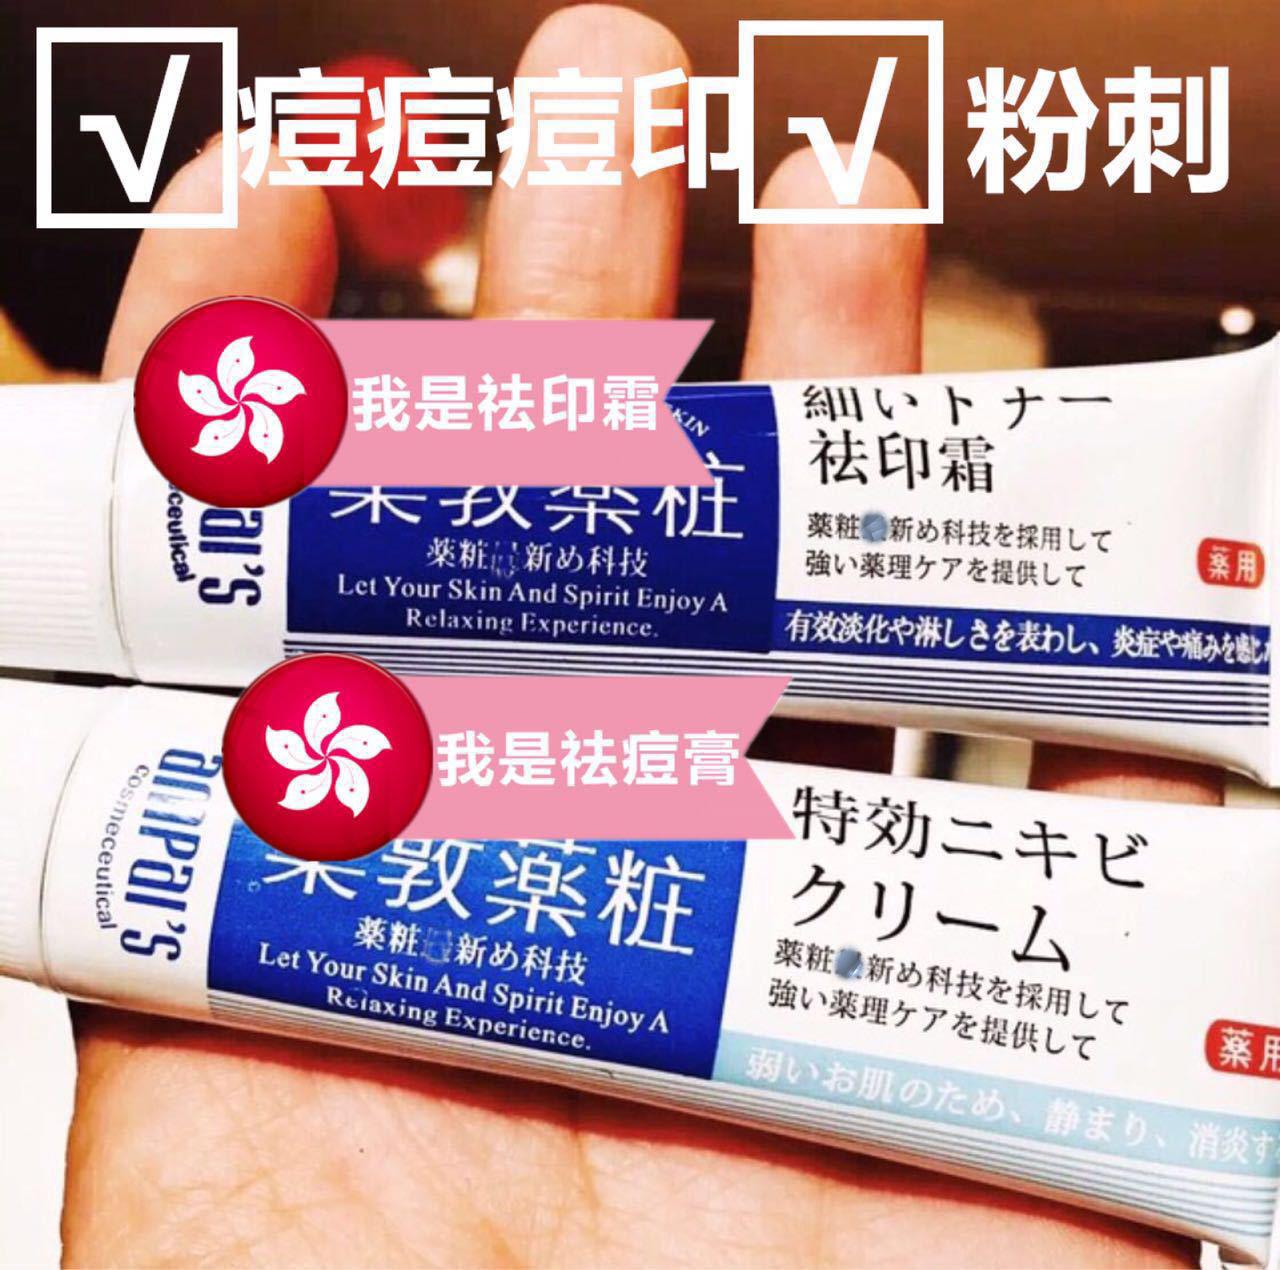 香港乐敦祛痘膏祛痘印男女霜闭口痘疤暗疮粉刺淡化通用水杨酸1支